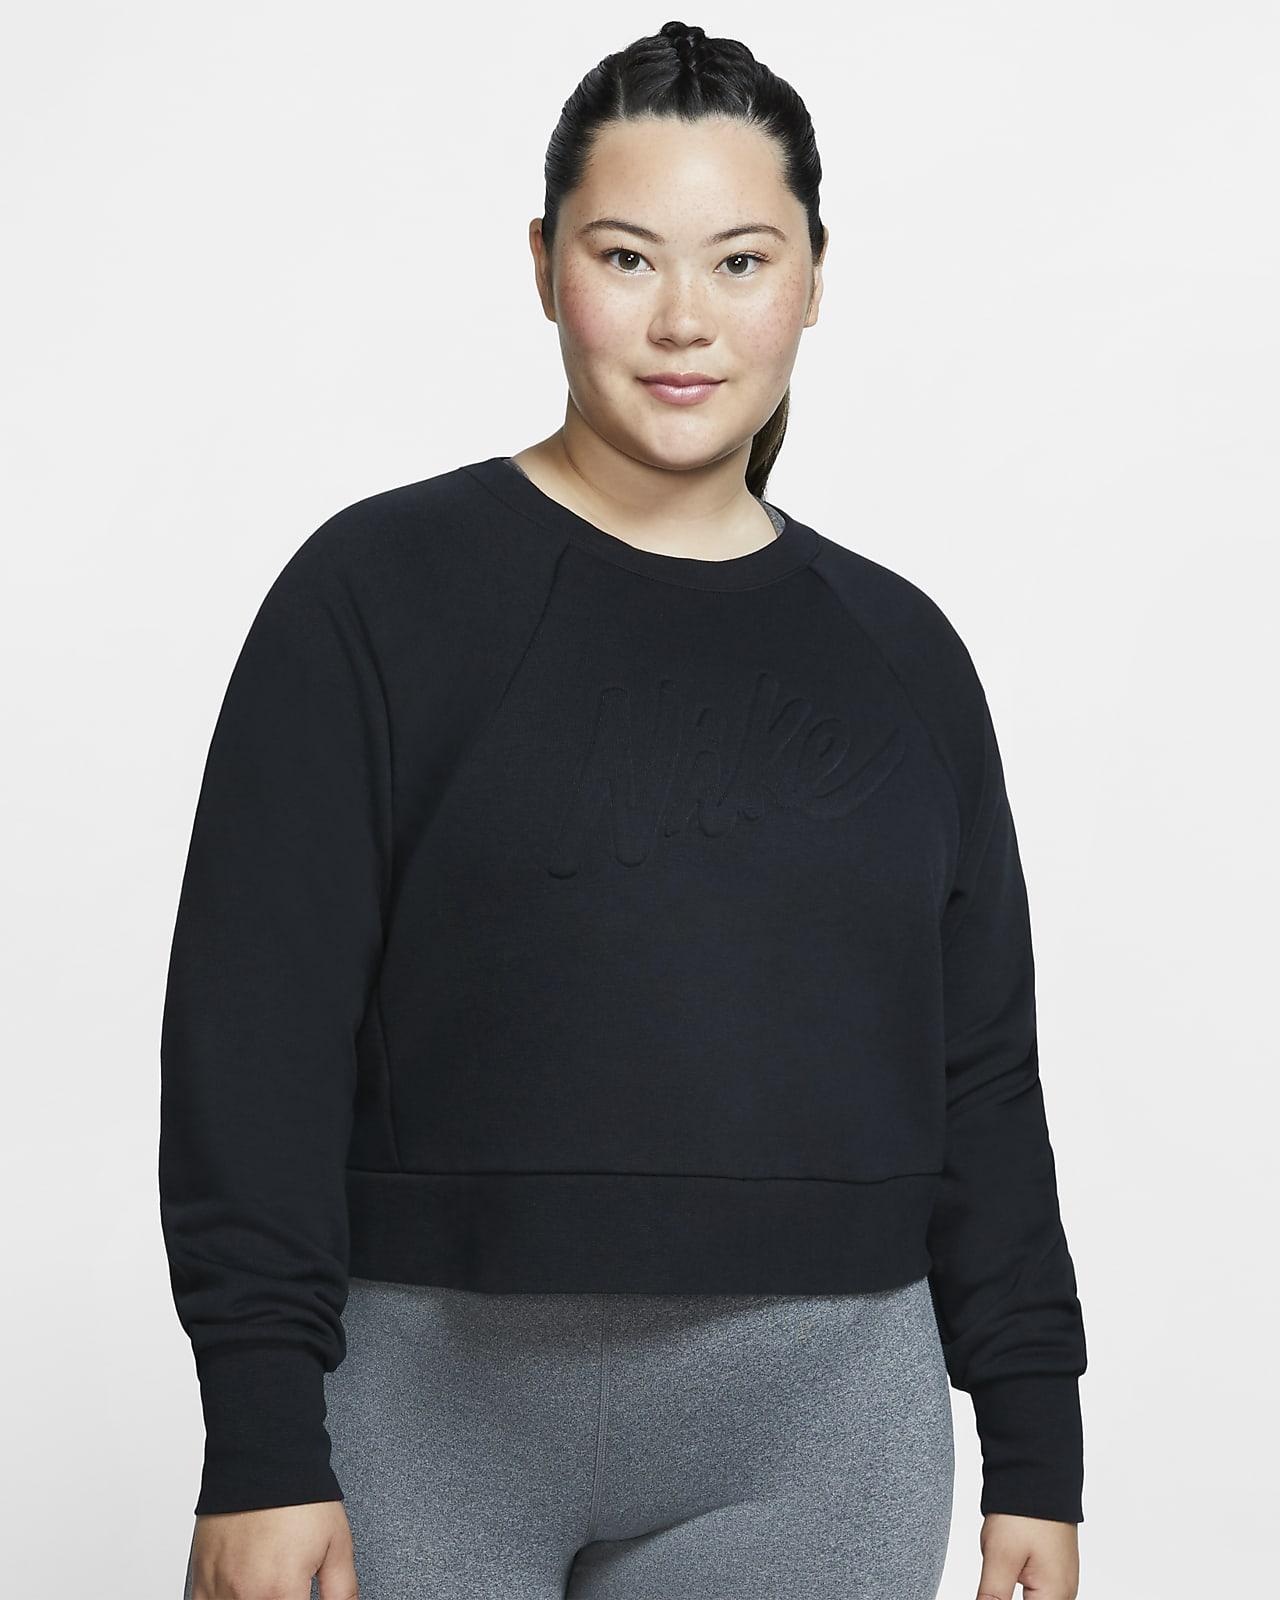 Nike Dri-FIT Luxe Uzun Kollu Kadın Antrenman Üstü (Büyük Beden)